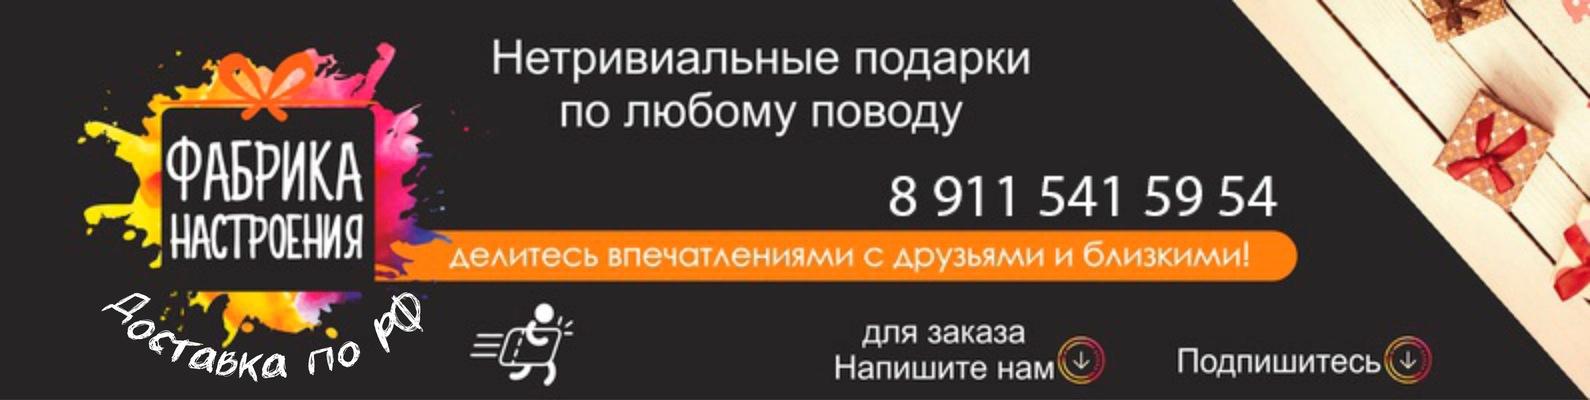 Фабрика Настроения   Подарки с доставкой   ВКонтакте afff0afce07